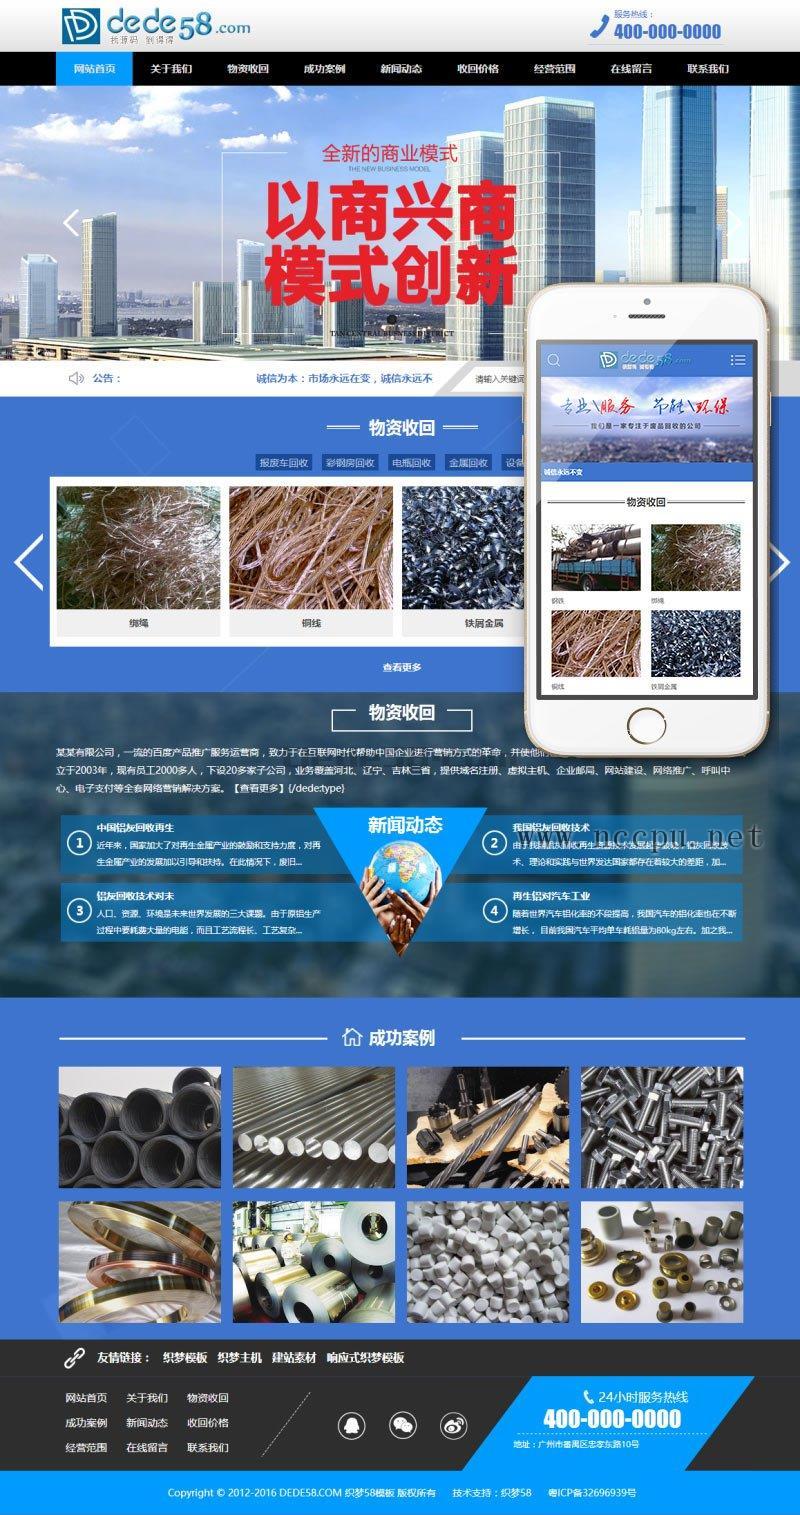 工业回收物资加工产品展示欧宝娱乐代理申请(带手机版数据同步)建设案例「响应式」